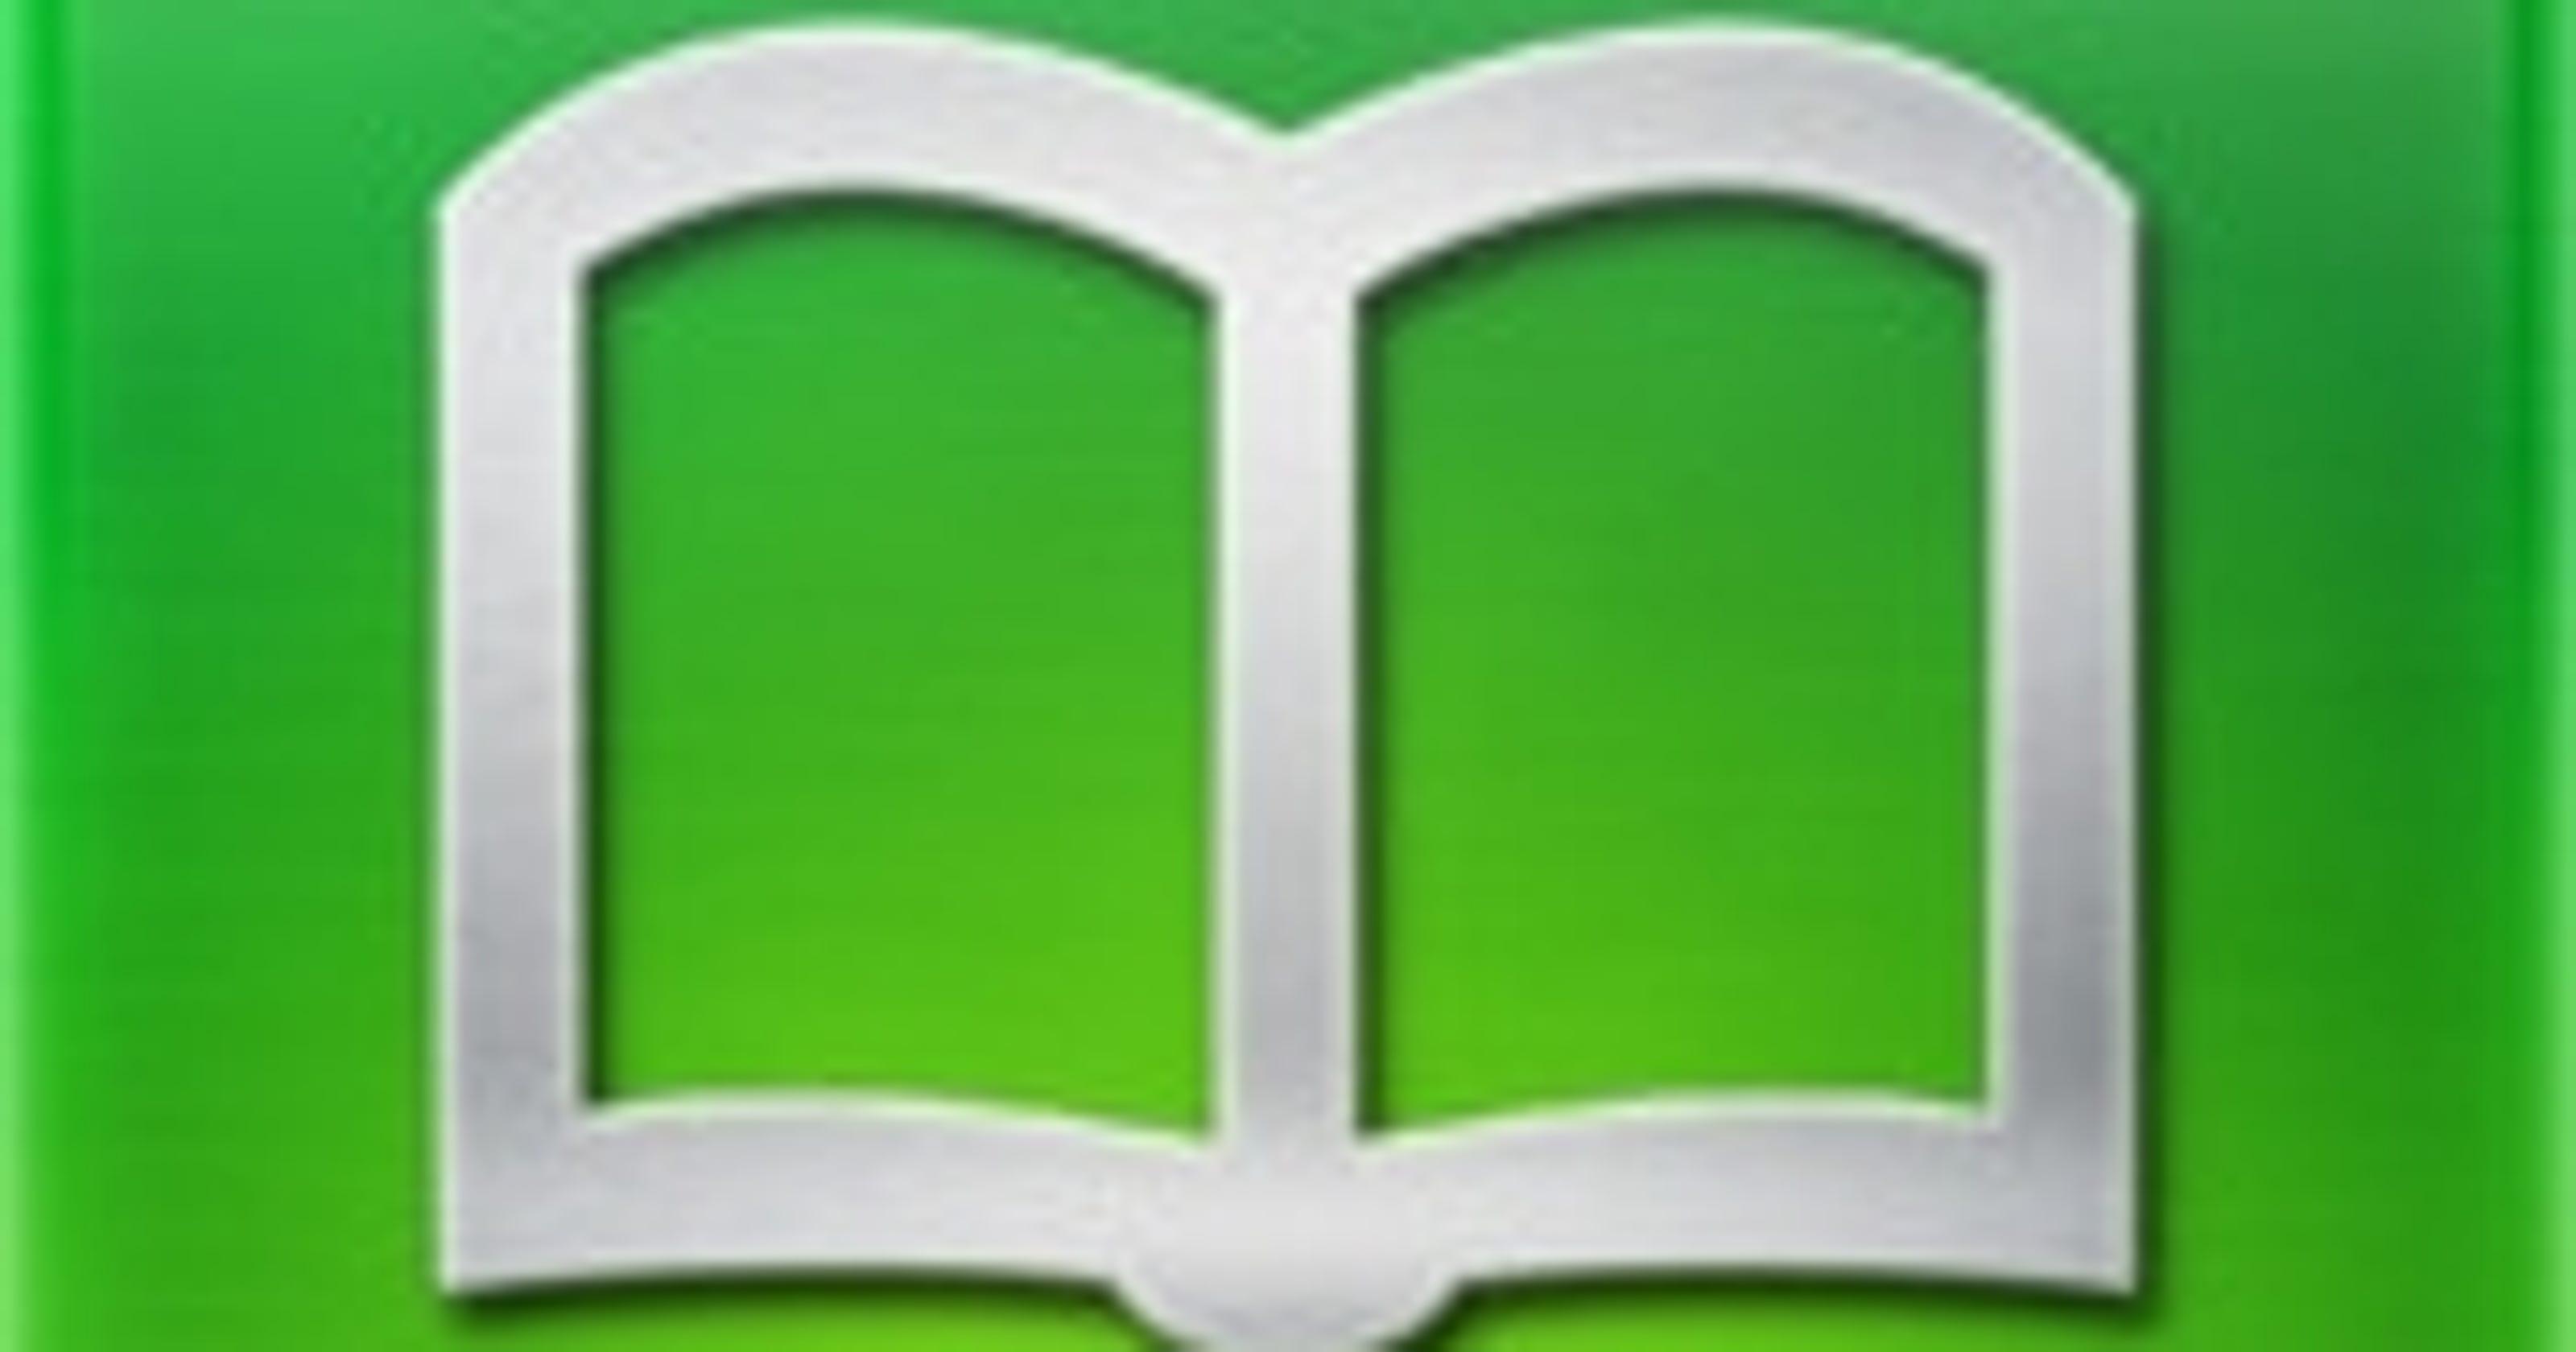 Sony's Reader app